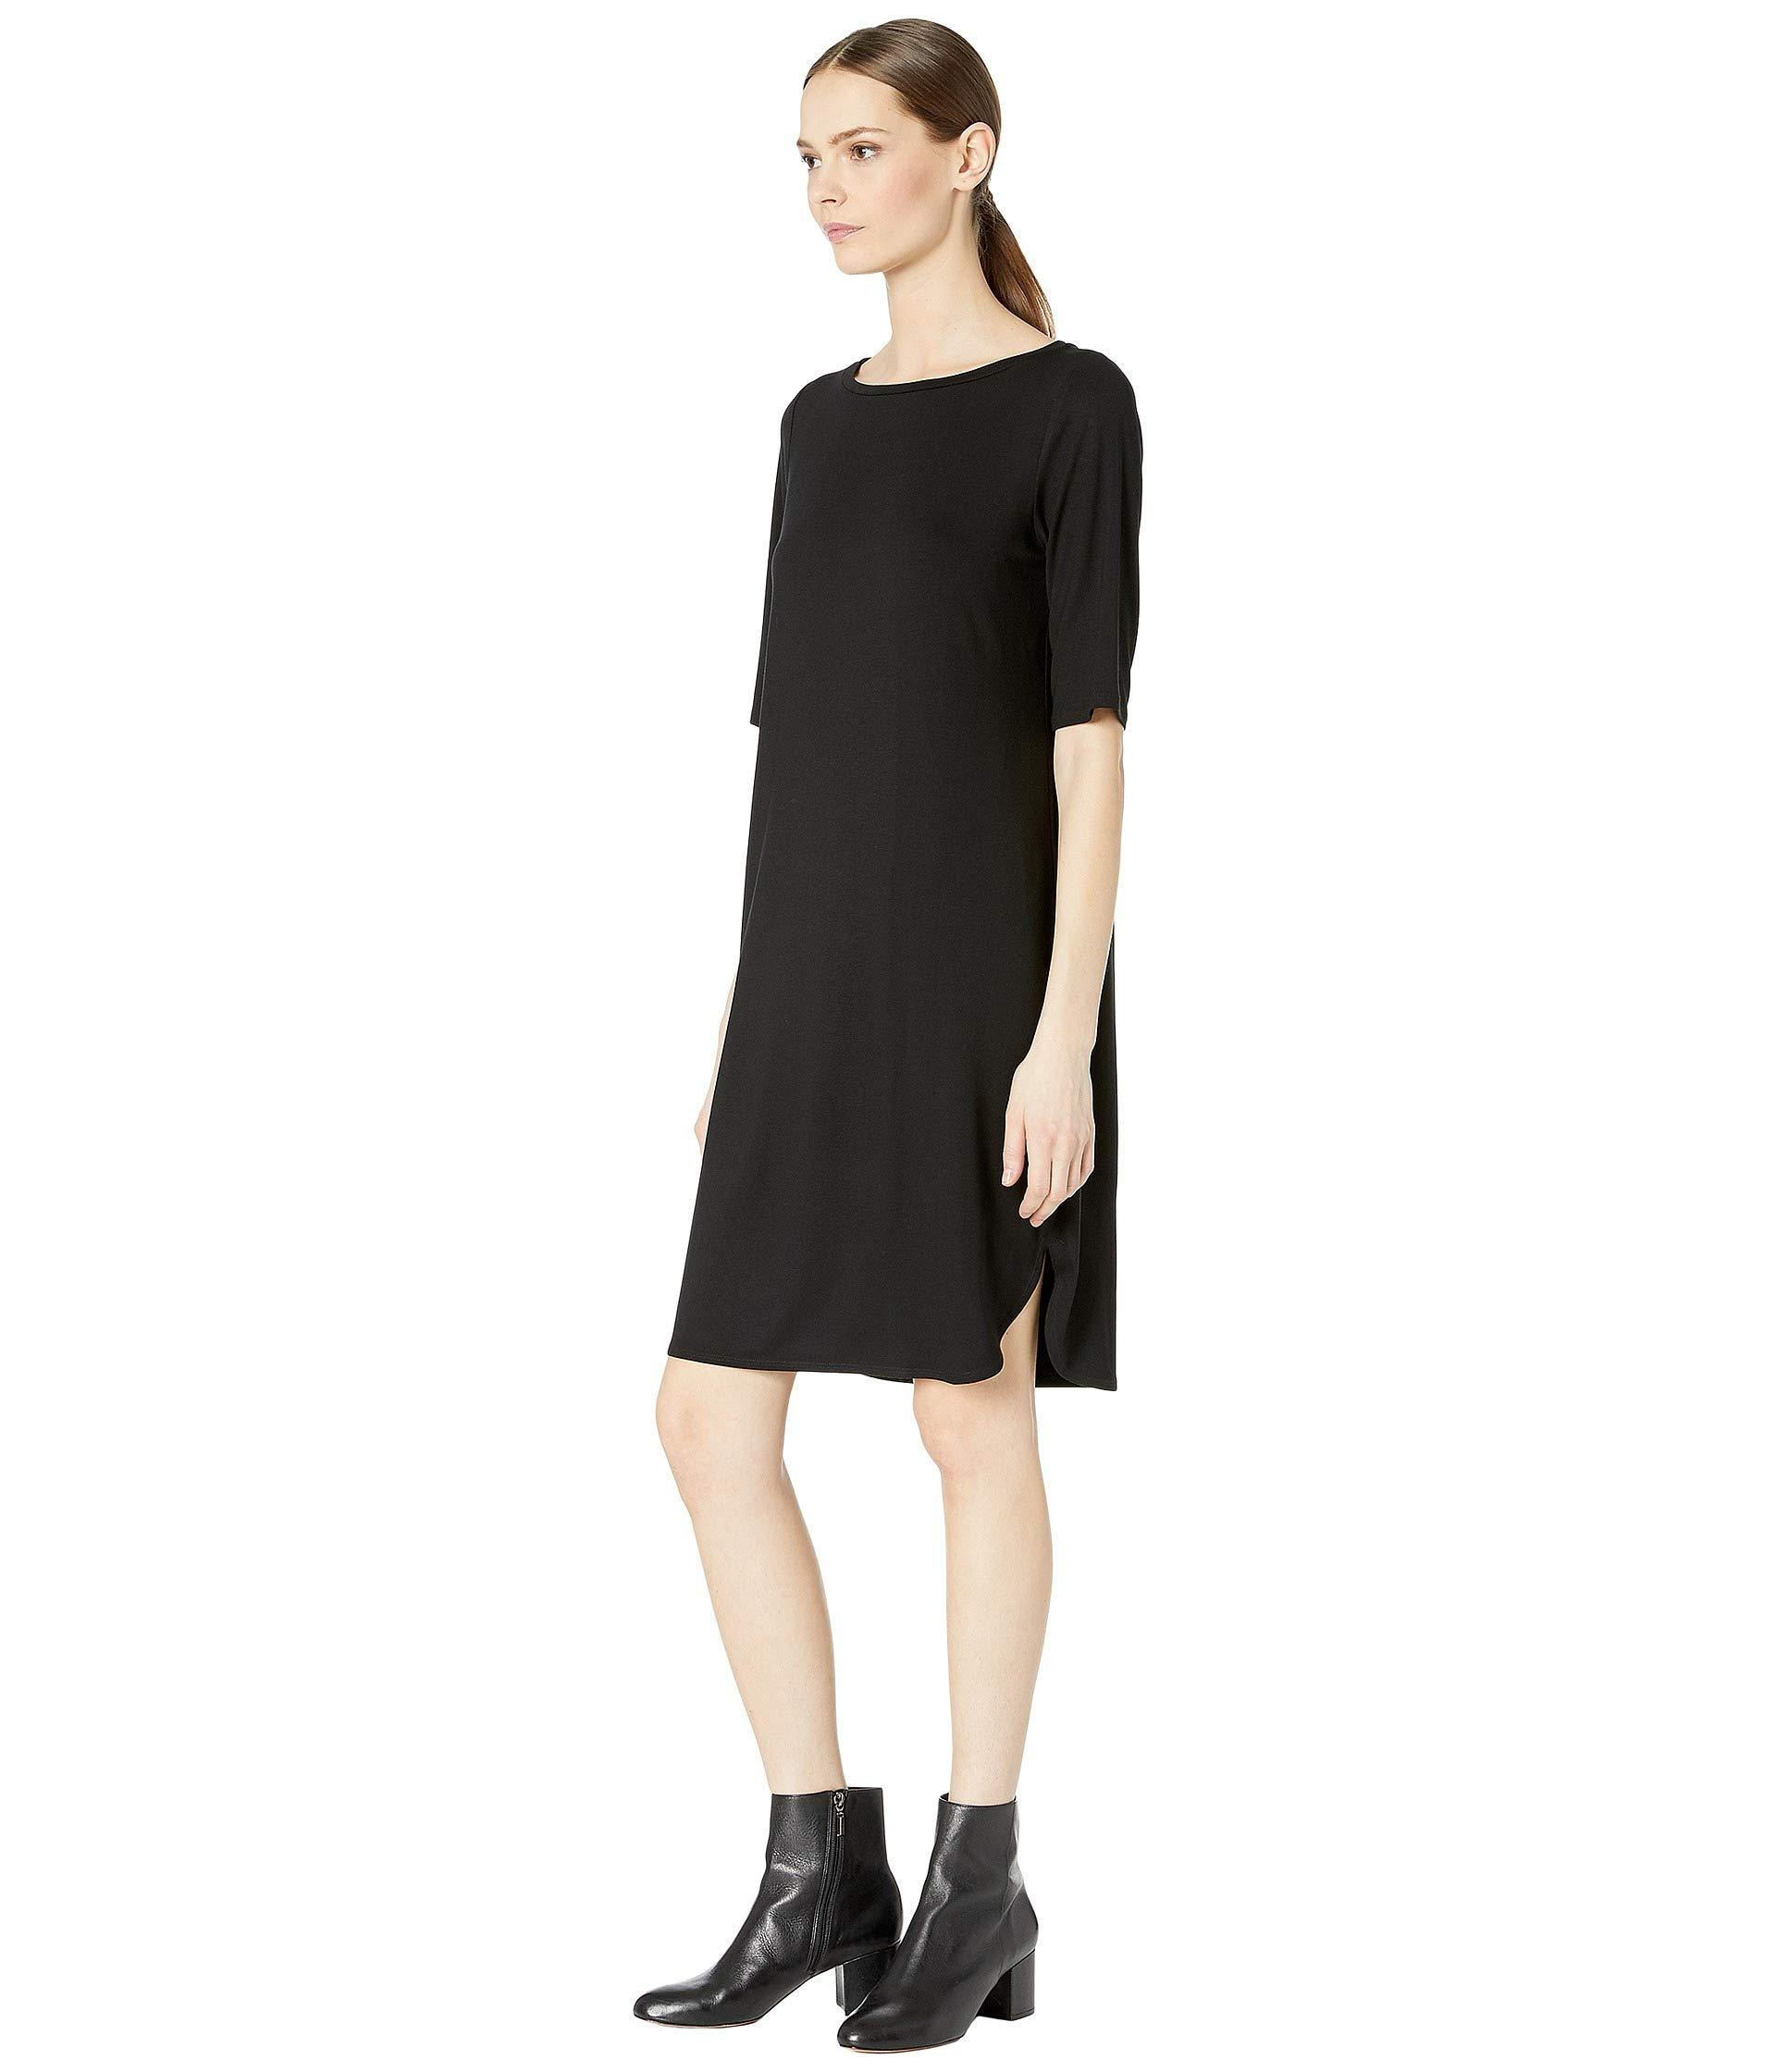 6365df04c7e Lyst - Eileen Fisher Bateau Neck Elbow Sleeve Dress (black) Women s Dress  in Black